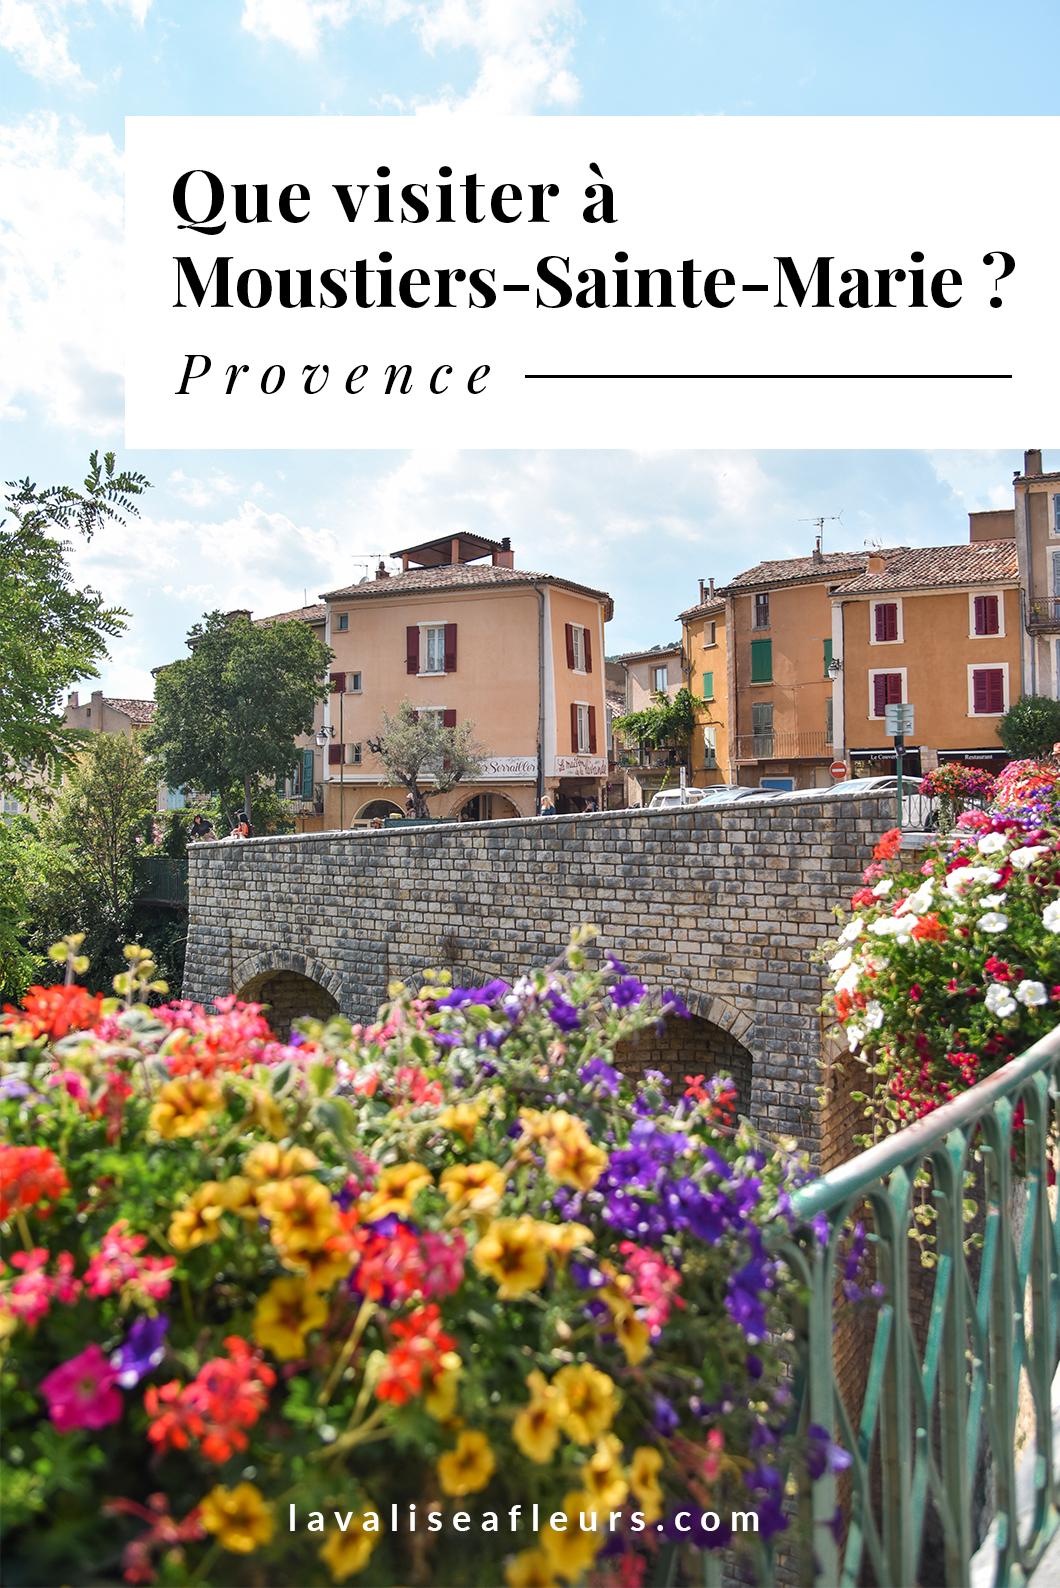 Que visiter à Moustiers-Sainte-Marie ?